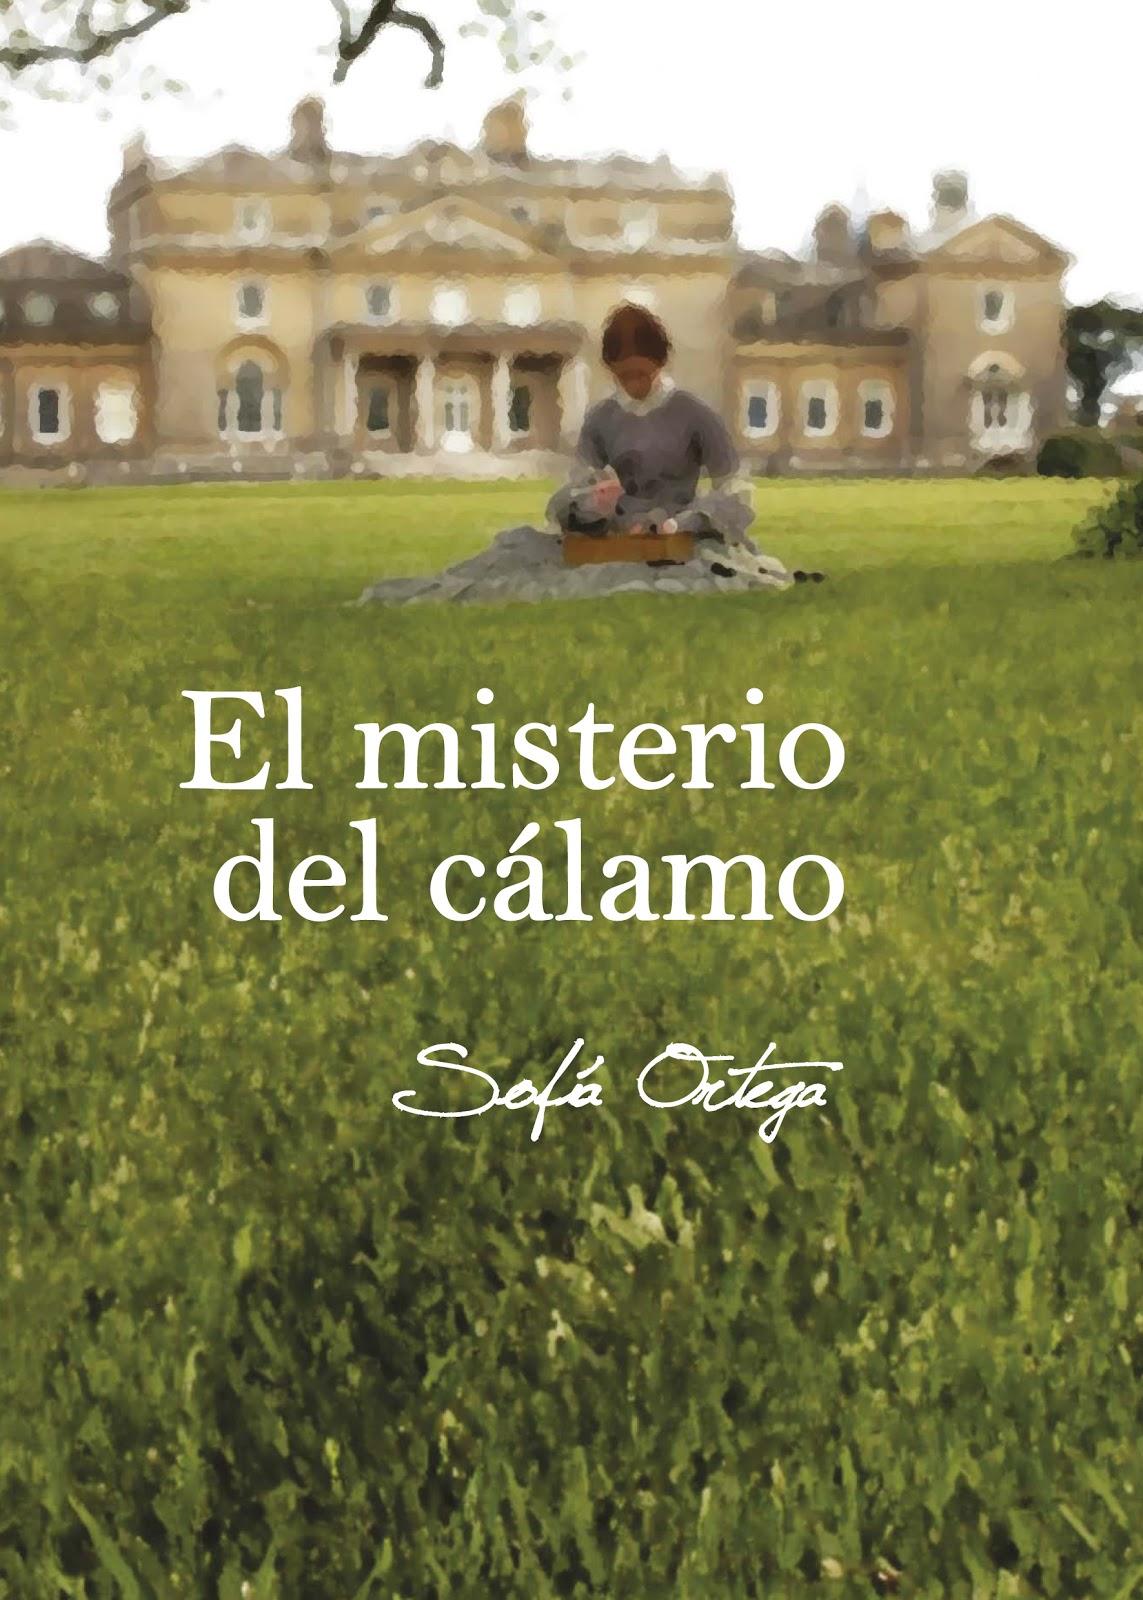 ortega - El misterio del cálamo (Encadenados 01) - Sofía Ortega (Rom) Portada%2B-%2BEL%2BMISTERIO%2BDEL%2BCALAMO